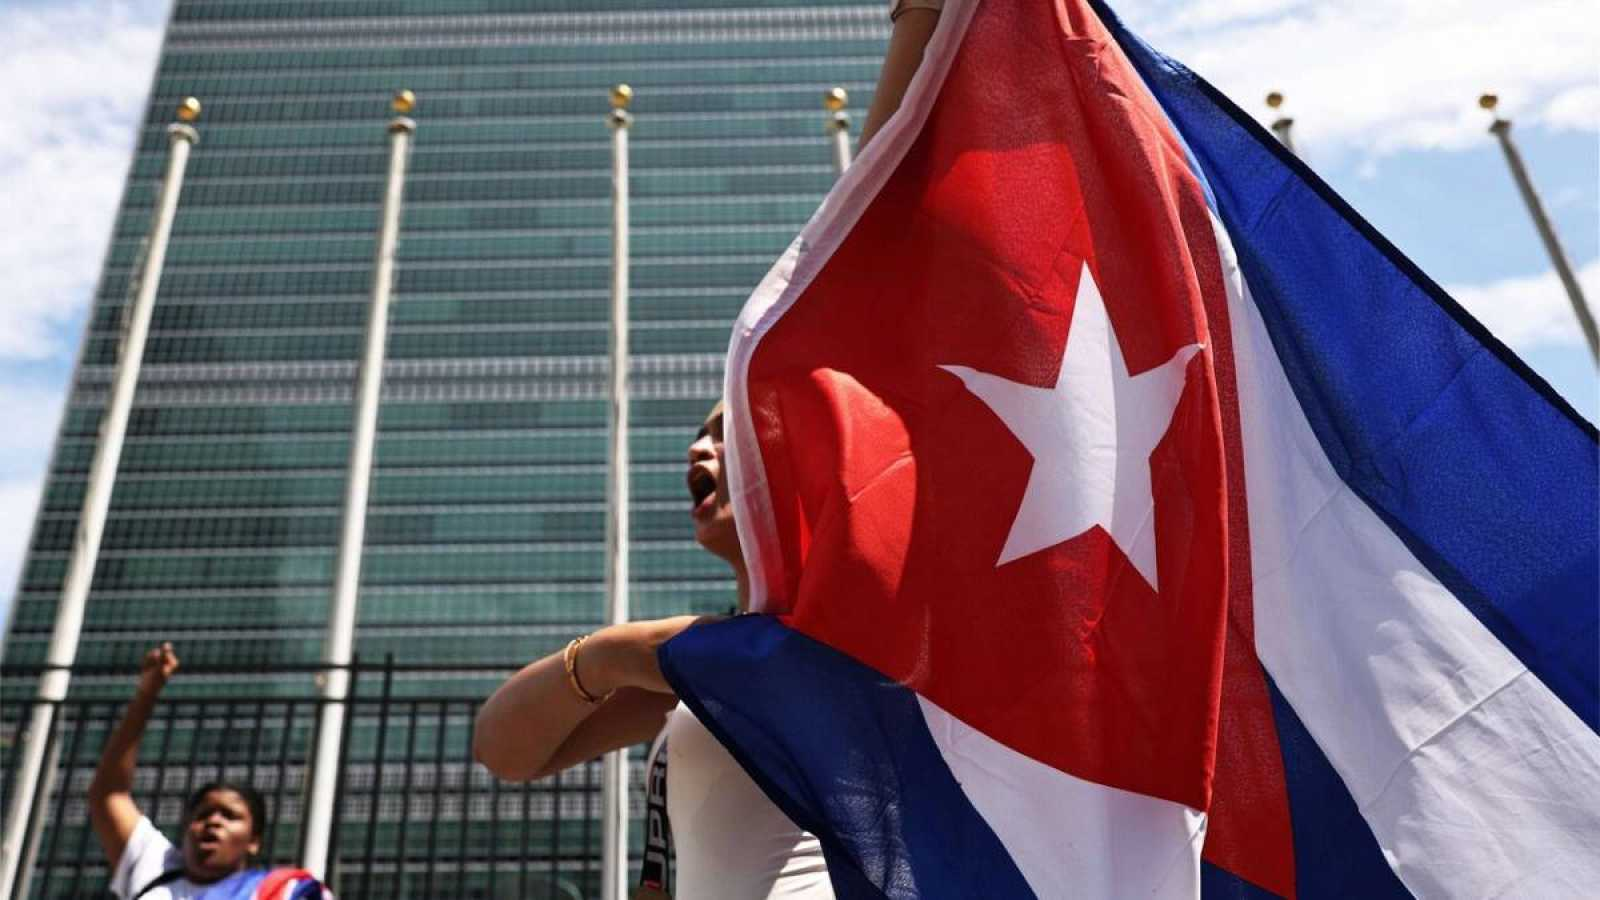 Un pequeño grupo de personas se reúnefrente a Naciones Unidas en apoyo al pueblo de Cuba en NUeva York, EE.UU.